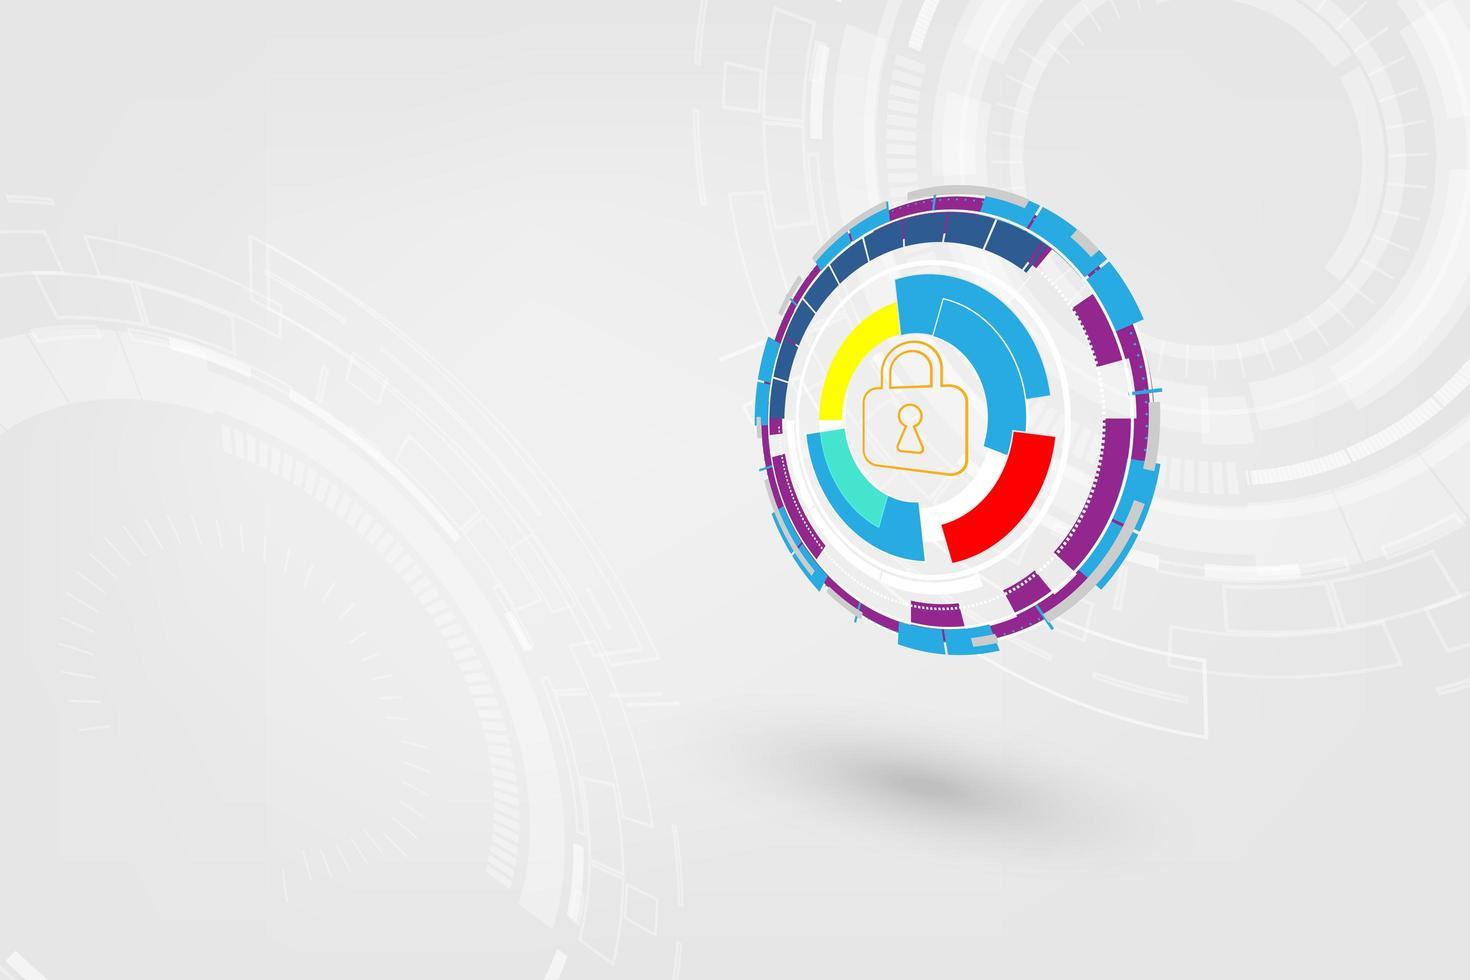 abstrakt högteknologisk säkerhetsbakgrund vektor